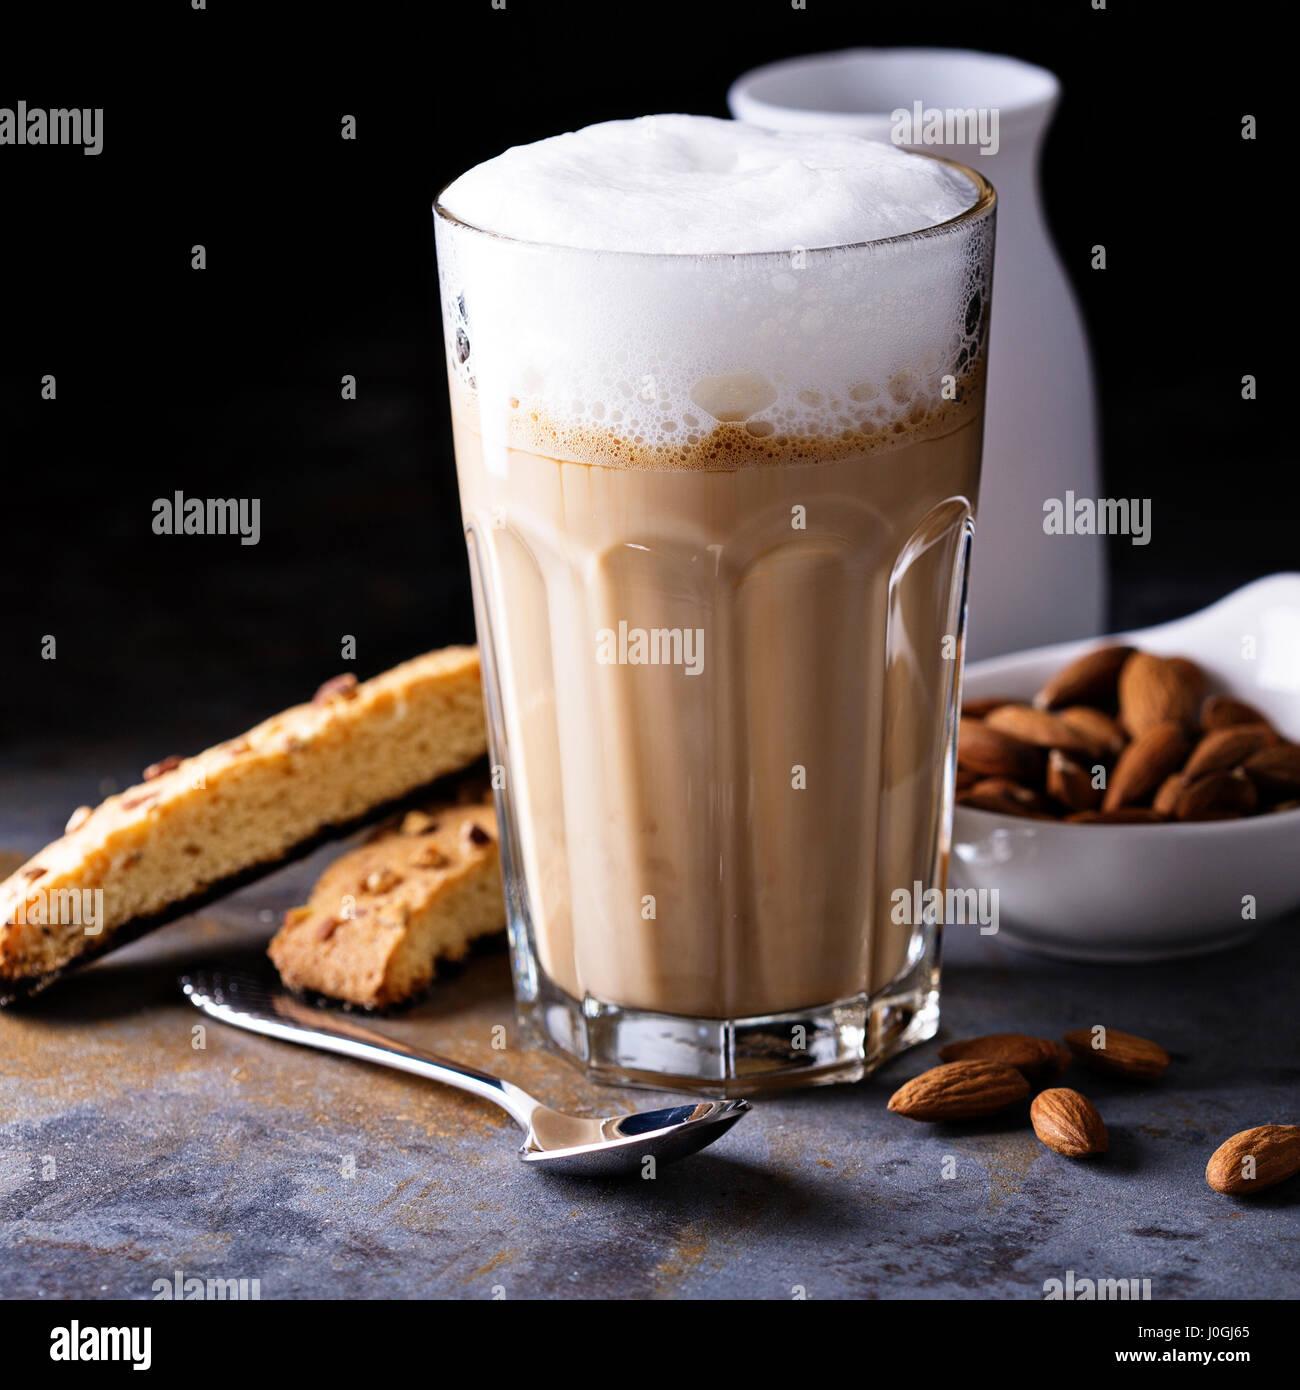 Latte Café avec lait d'amande Photo Stock